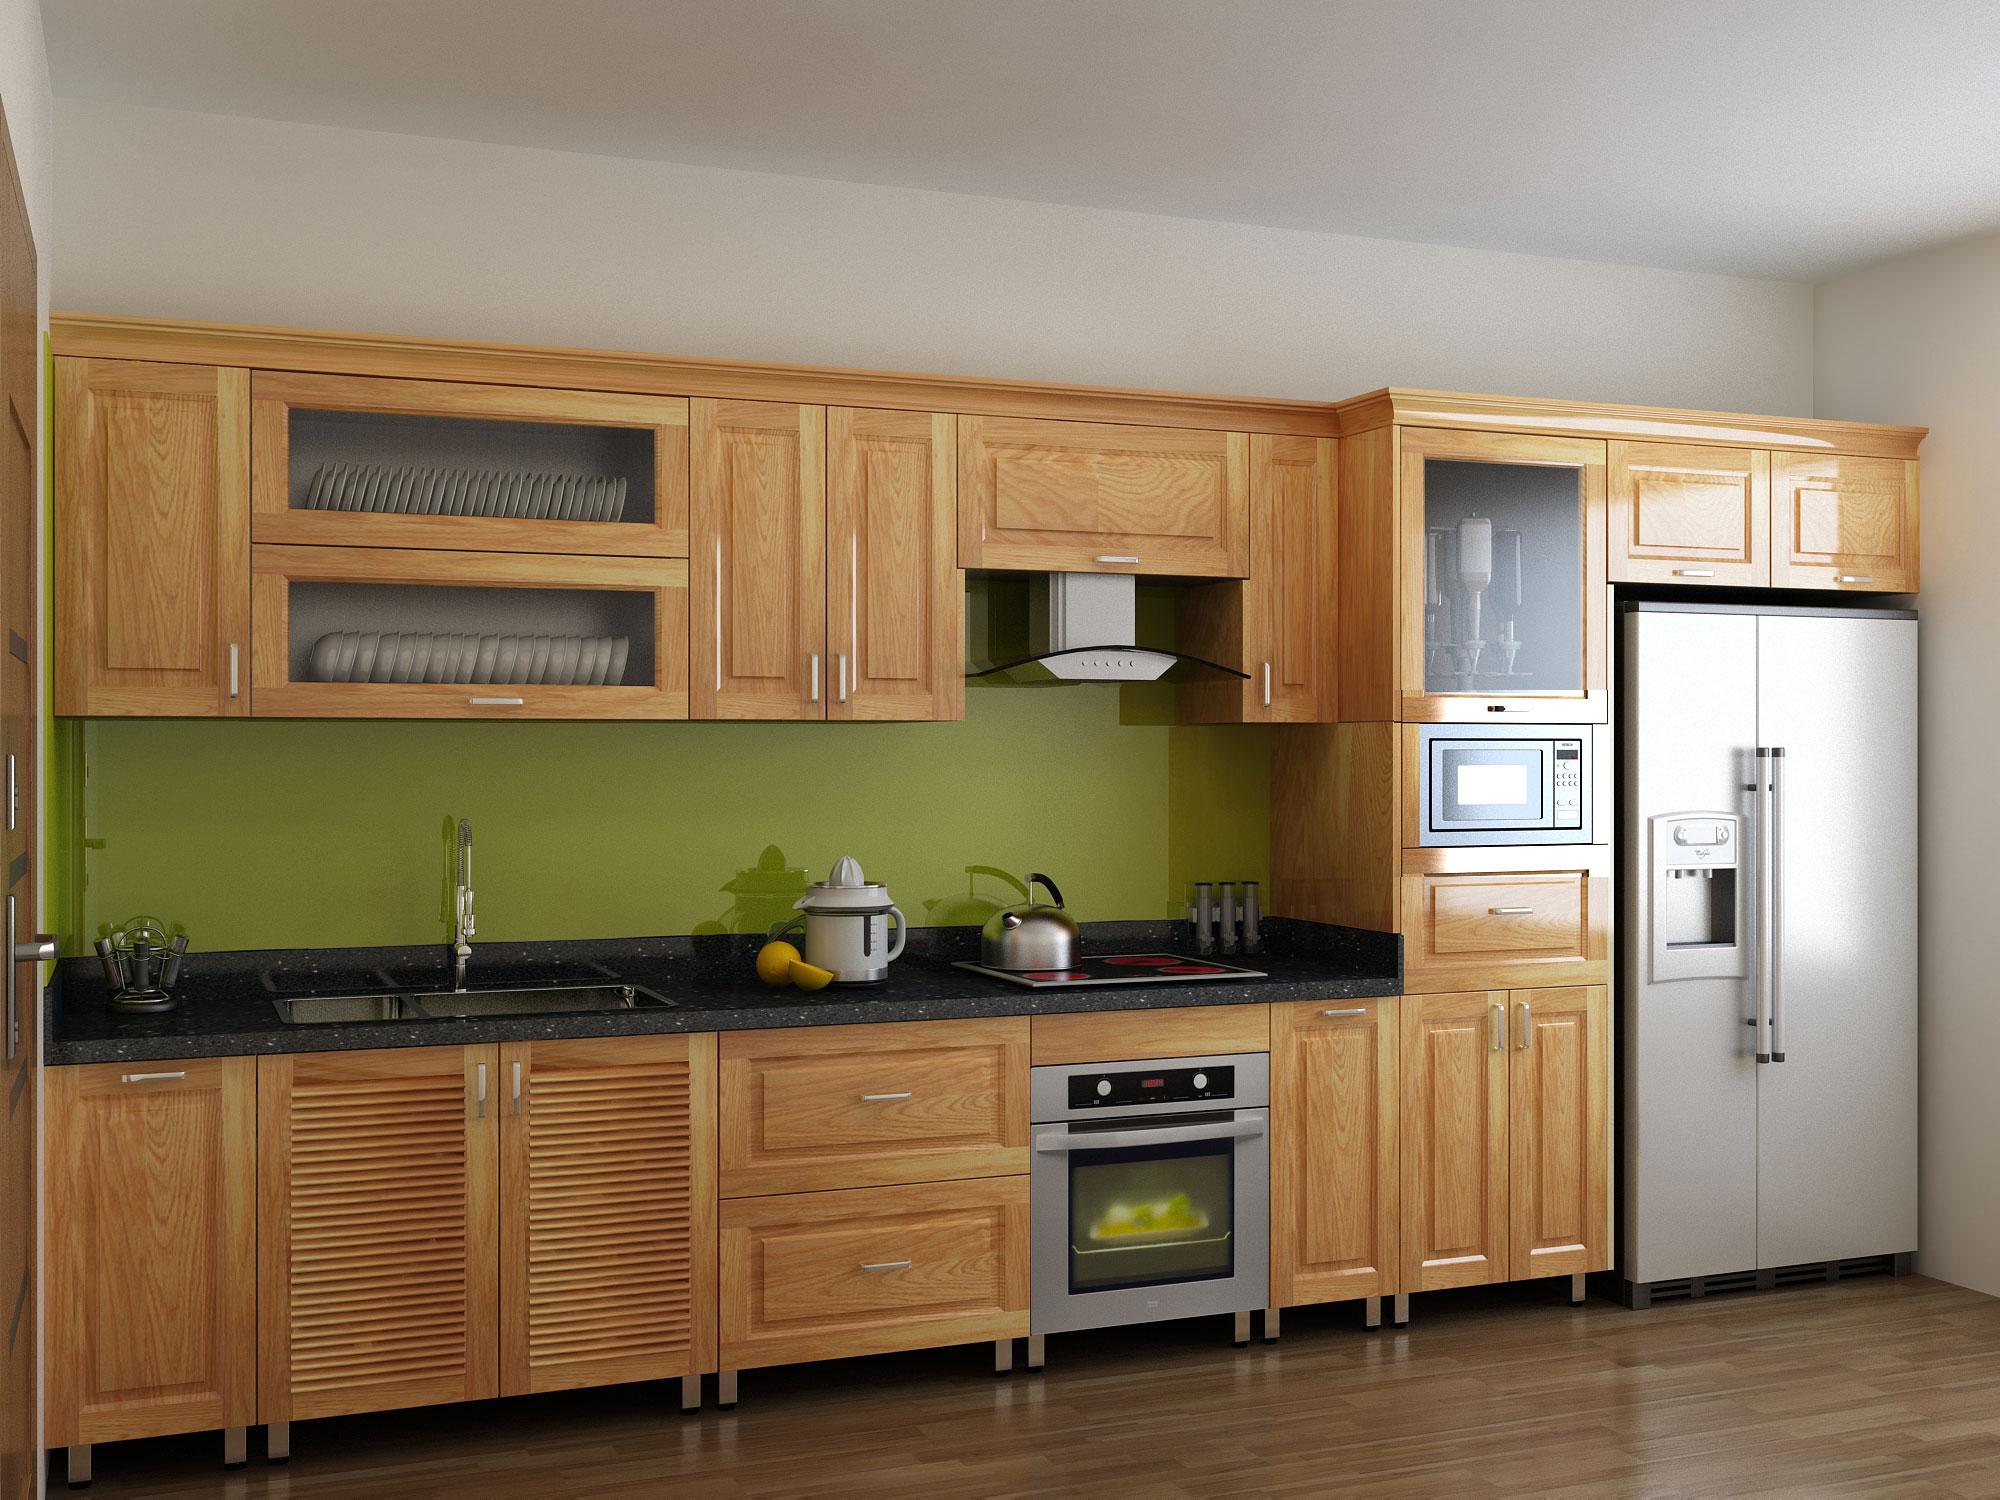 Tủ bếp gỗ tự nhiên nhỏ dành cho chung cư tại nội thất Acado.